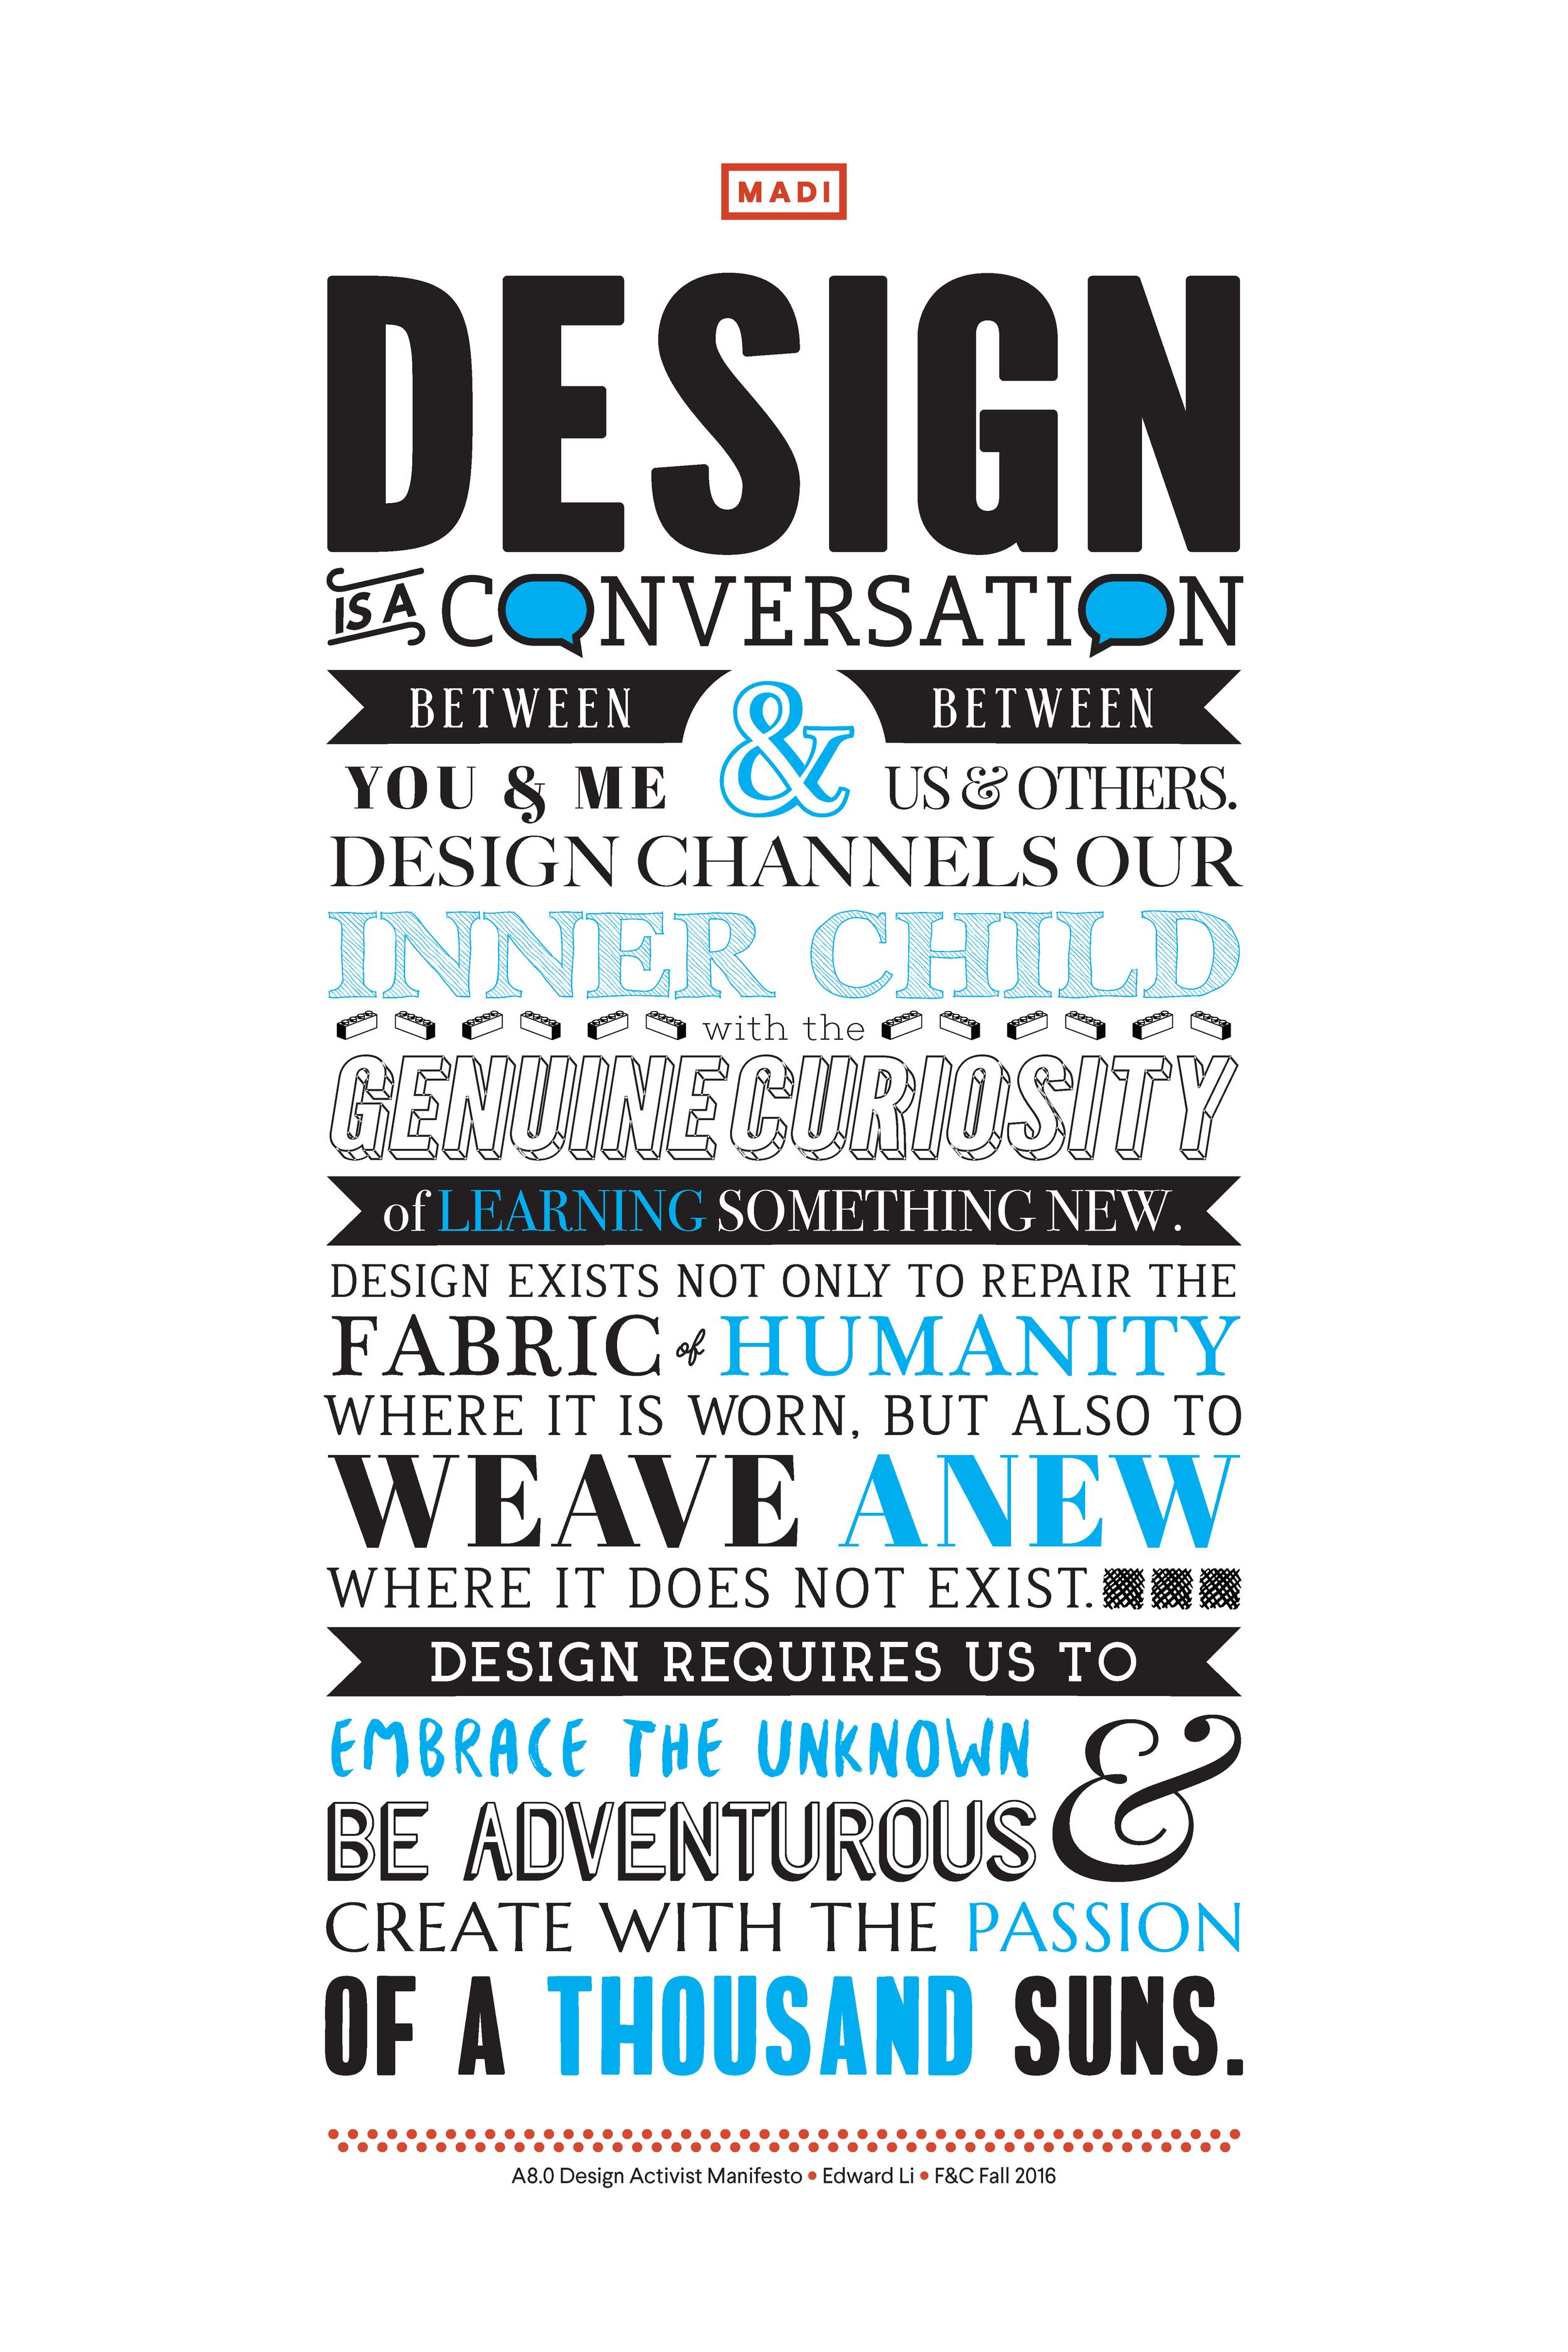 Design Activist Manifesto